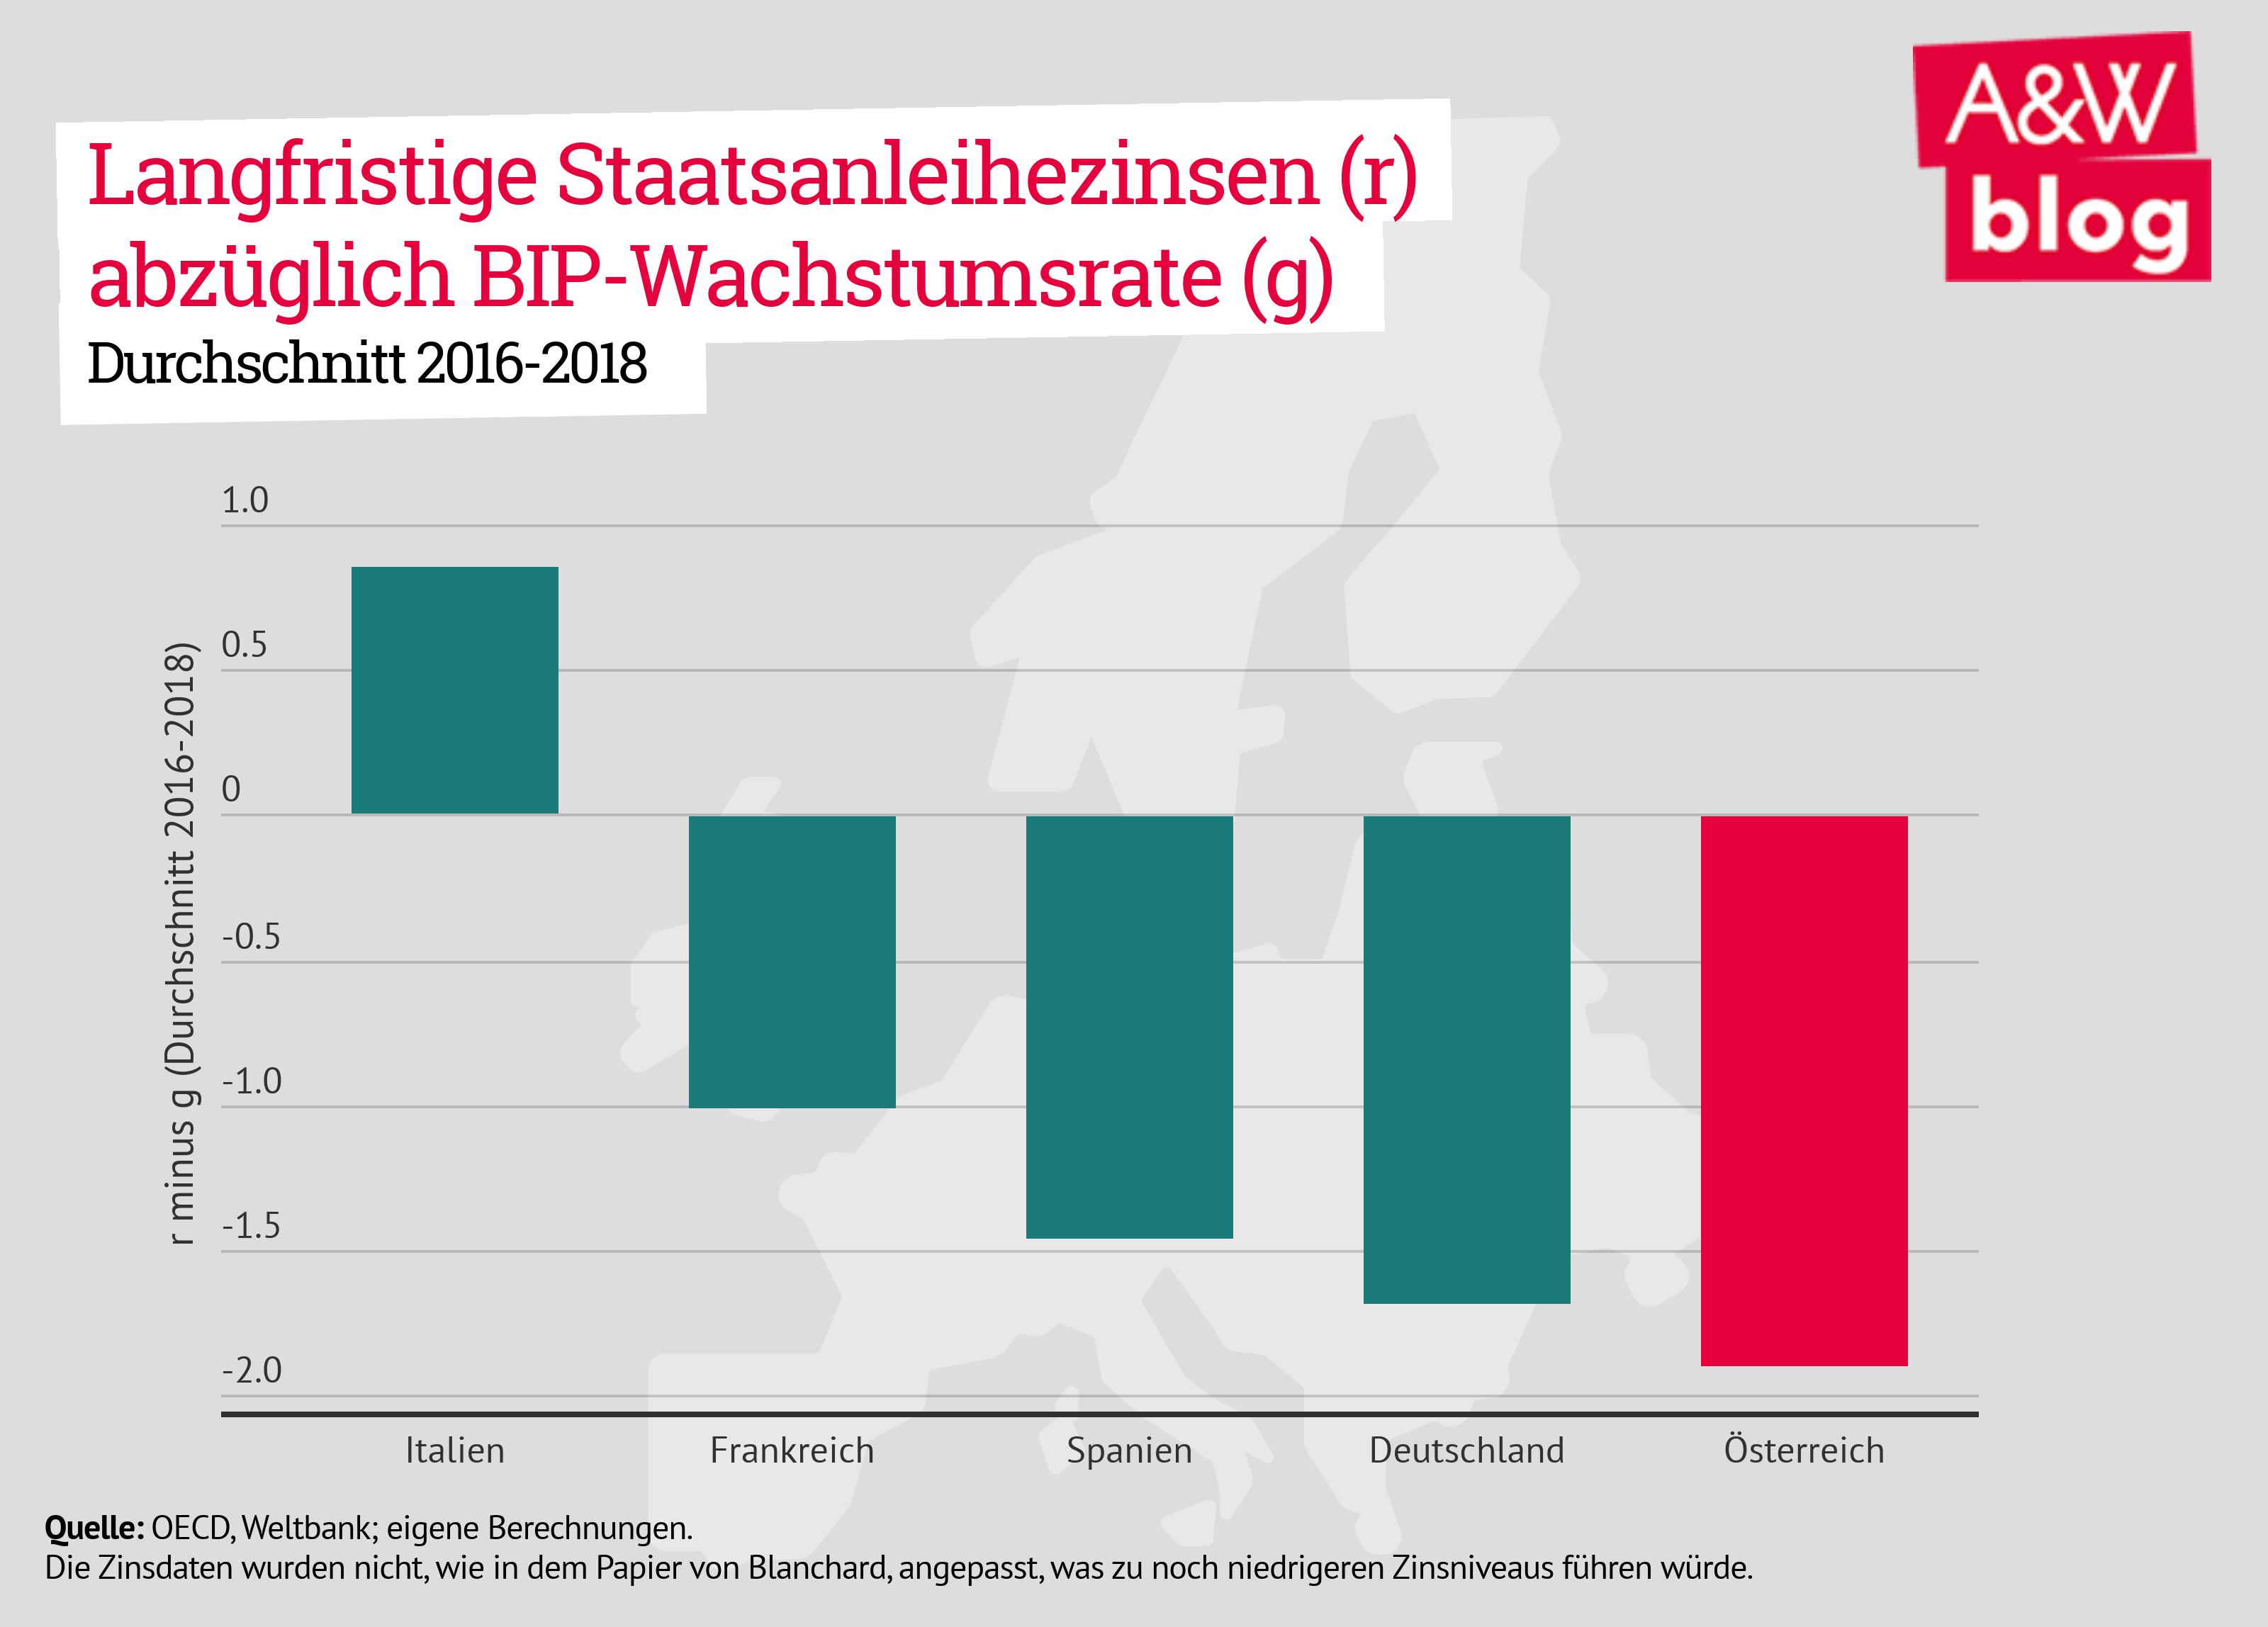 Langfristige Staatsanleihezinsen (r) abzüglich BIP-Wachstumsrate (g). Durchschnitt 2016-2018